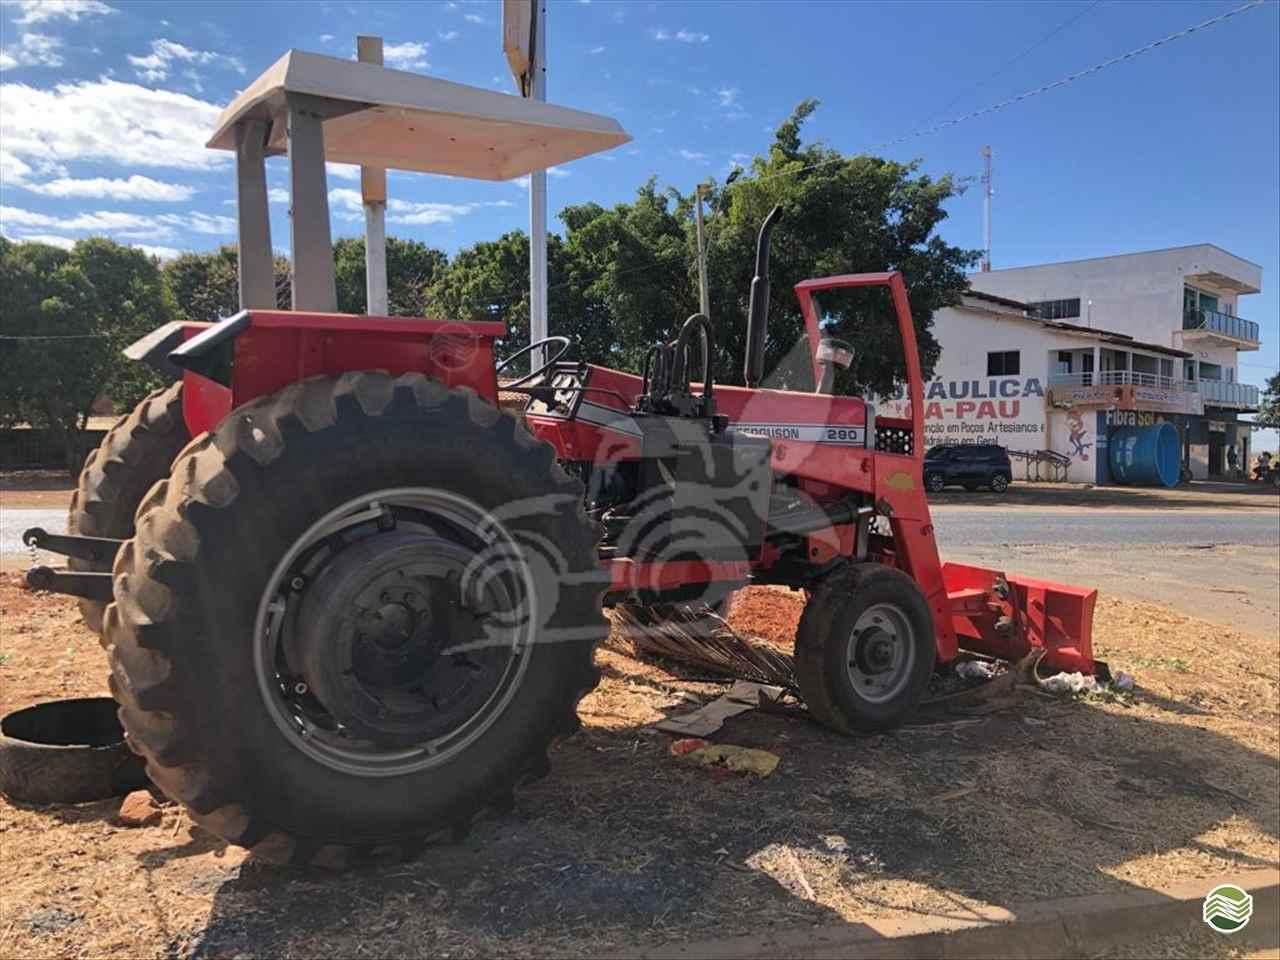 TRATOR MASSEY FERGUSON MF 290 Tração 4x2 EP Máquinas e Implementos Agrícolas CRISTALINA GOIAS GO